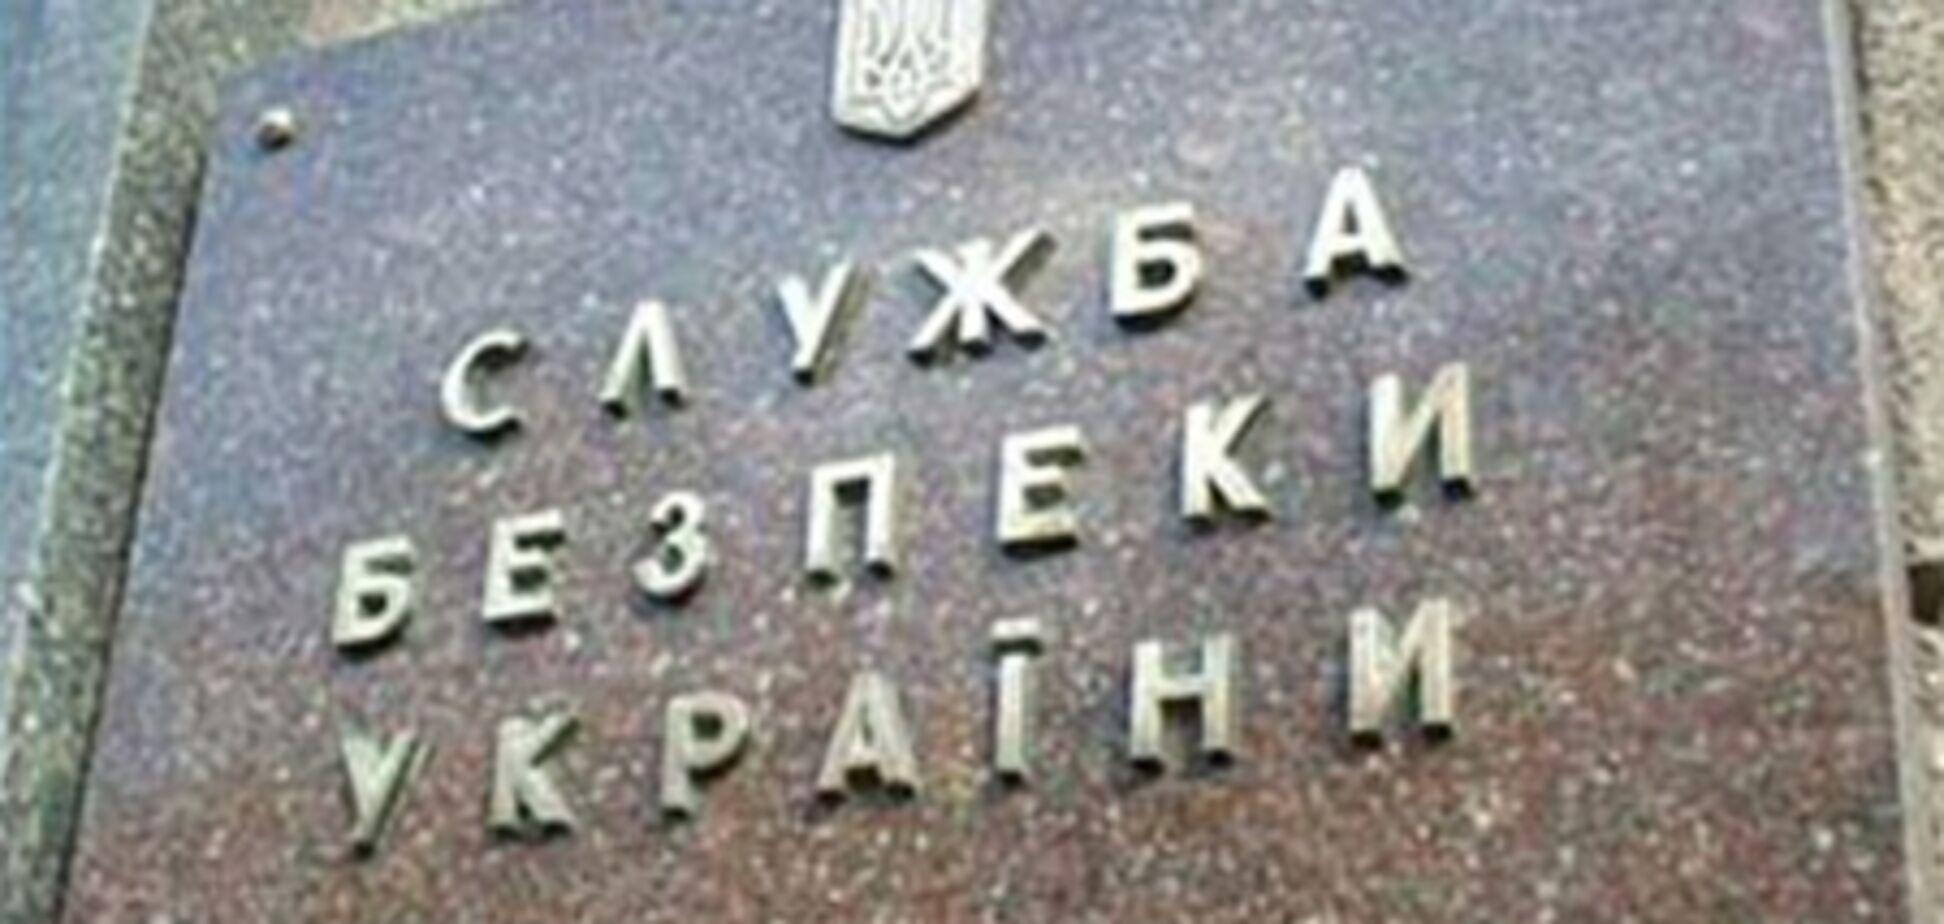 В офисе 'Патриота Украины' СБУ нашла взрывчатку